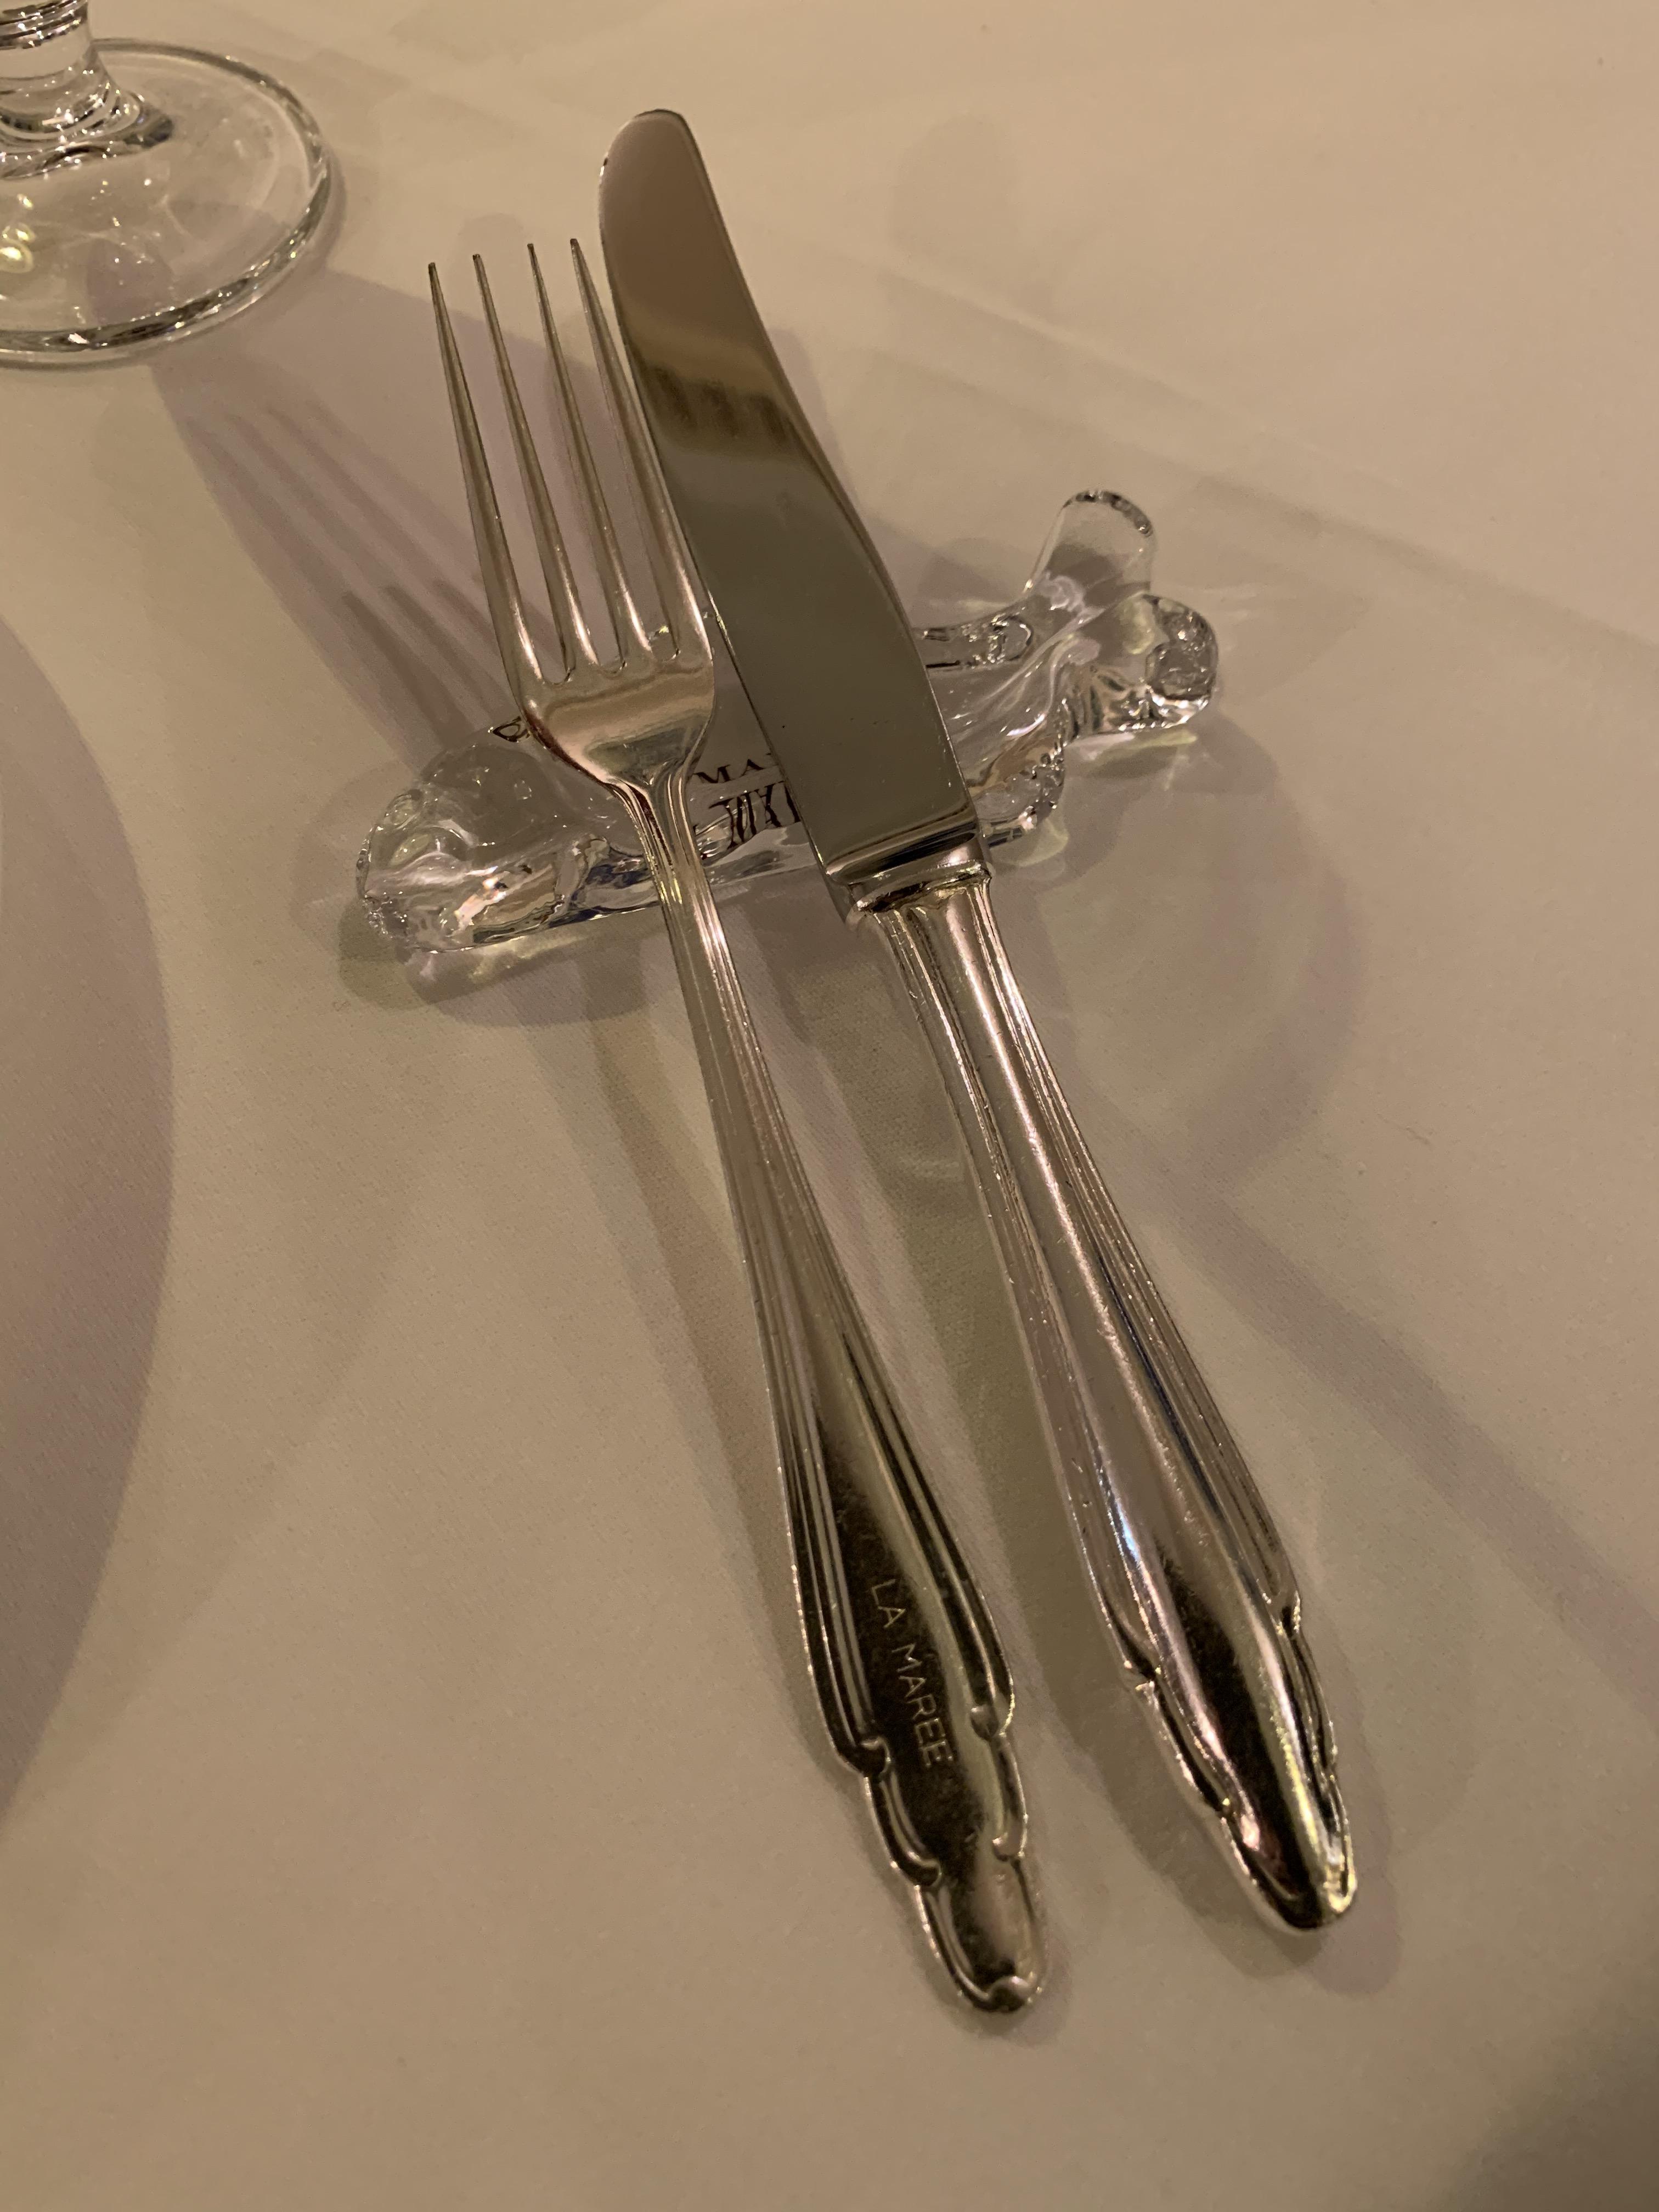 【女子旅】《海を一望する老舗の洋館レストラン》で味わうフランス風創作海辺料理♡_6